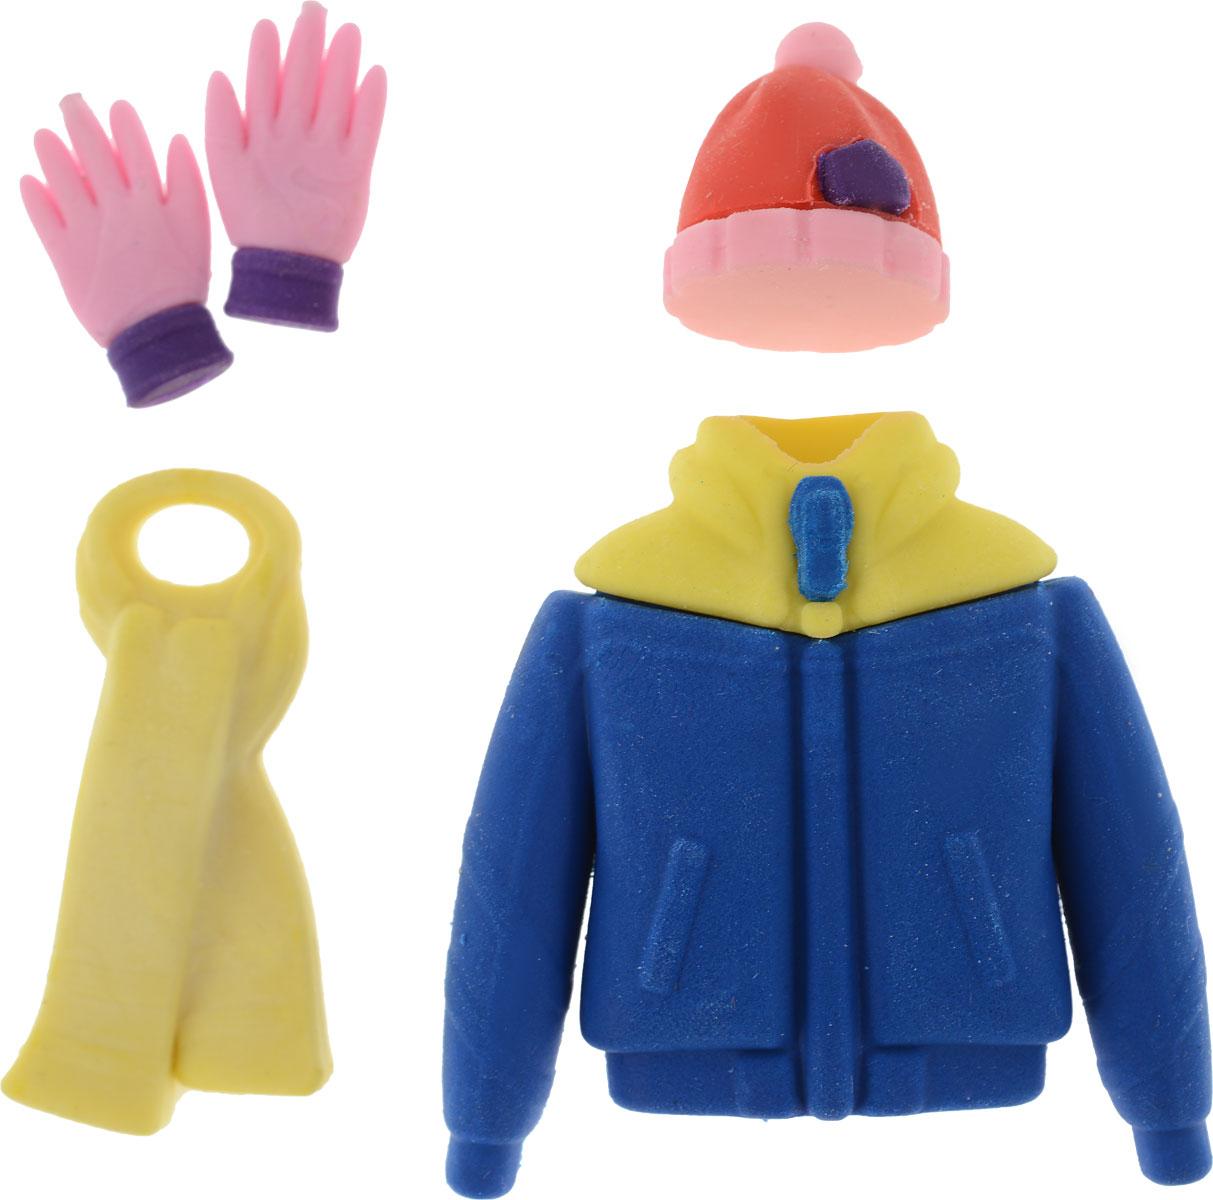 Набор ластиков Одежда, 5 шт4620770207322Набор состоит из 5 ластиков, выполненных из резины в виде куртки, шапки, шарфа и парыперчаток.Ластики - это незаменимые аксессуары на рабочем столе не только школьника или студента, но иофисного работника. Набор ярких ластиков поднимет настроение и станет оригинальнымсувениром. Характеристики:Материал: резина. Комплектация: 5 шт. Размер упаковки: 9,5 см х 14 см х 2 см.Артикул: 4620770207322. Уважаемые клиенты!Обращаем ваше внимание на цветовой ассортимент товара. Поставка осуществляется взависимости от наличия на складе.